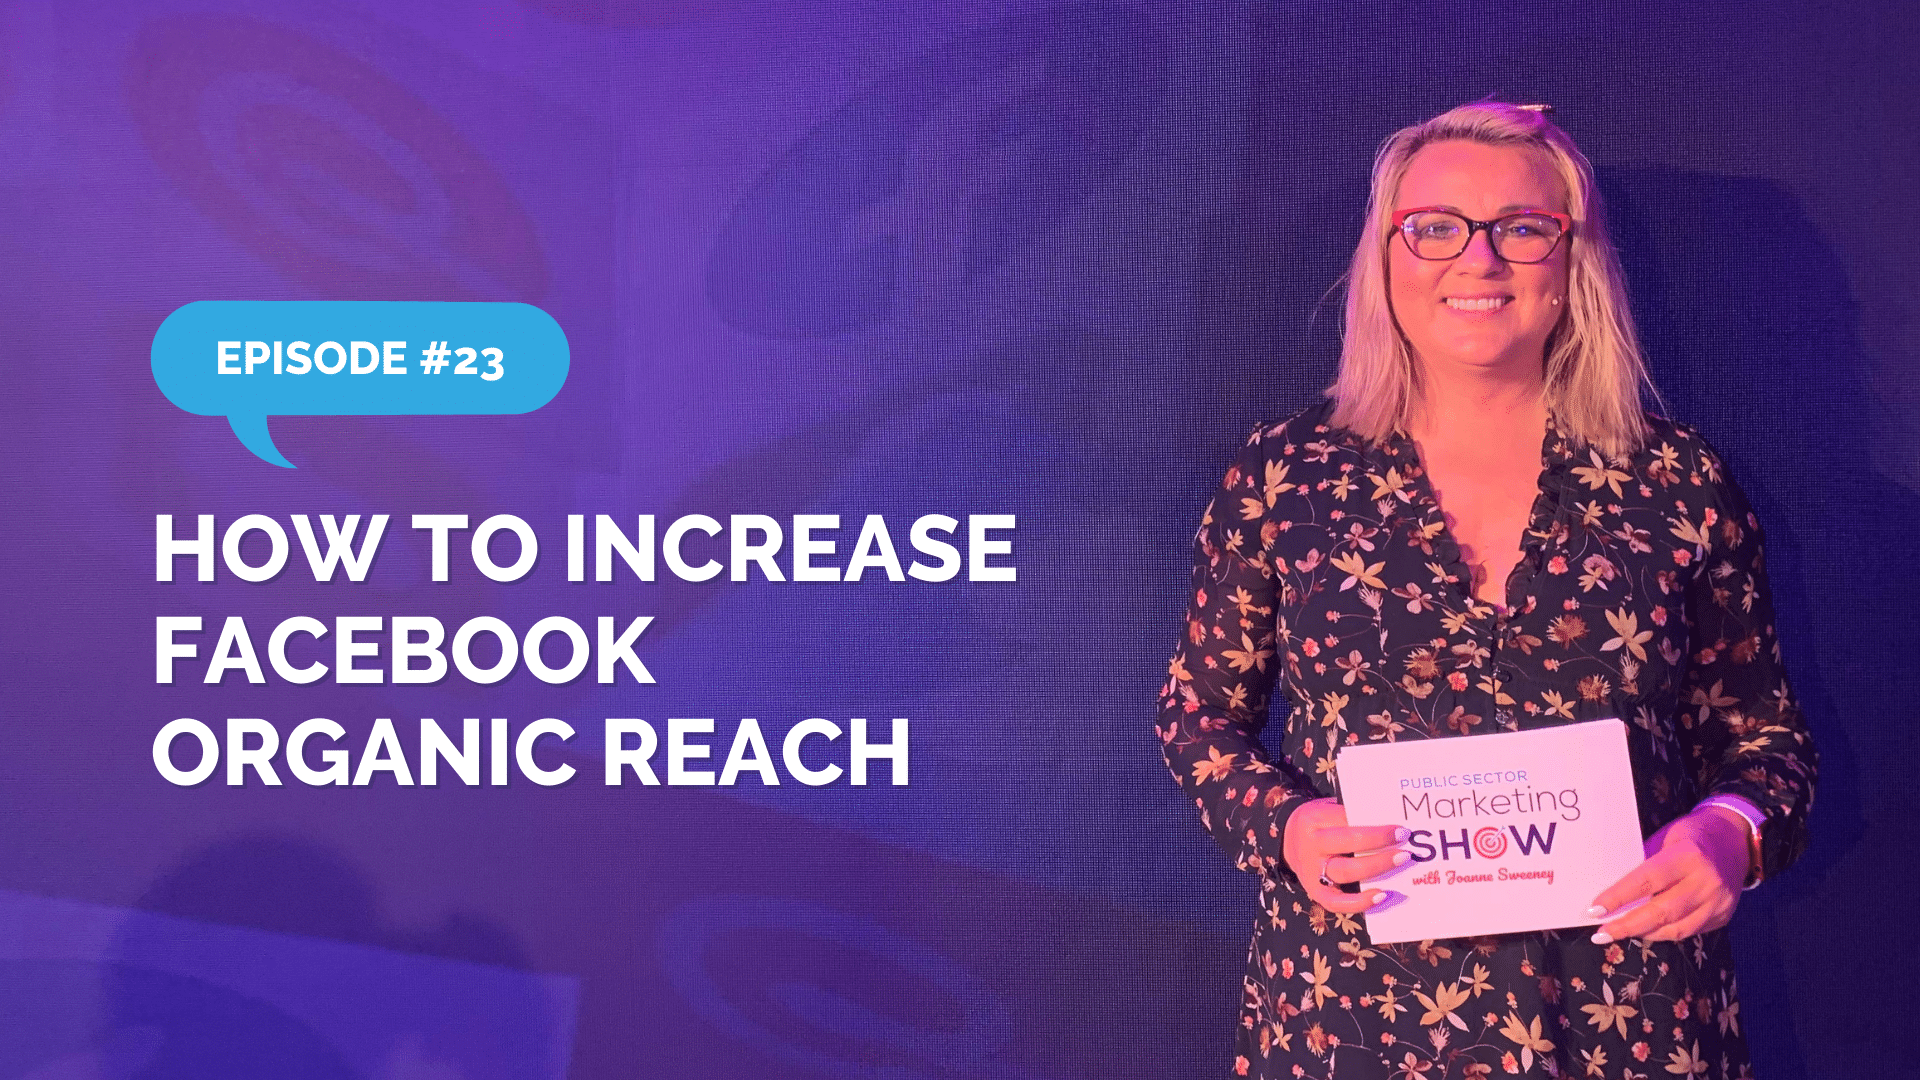 Episode 23 - How to Increase Facebook Organic Reach